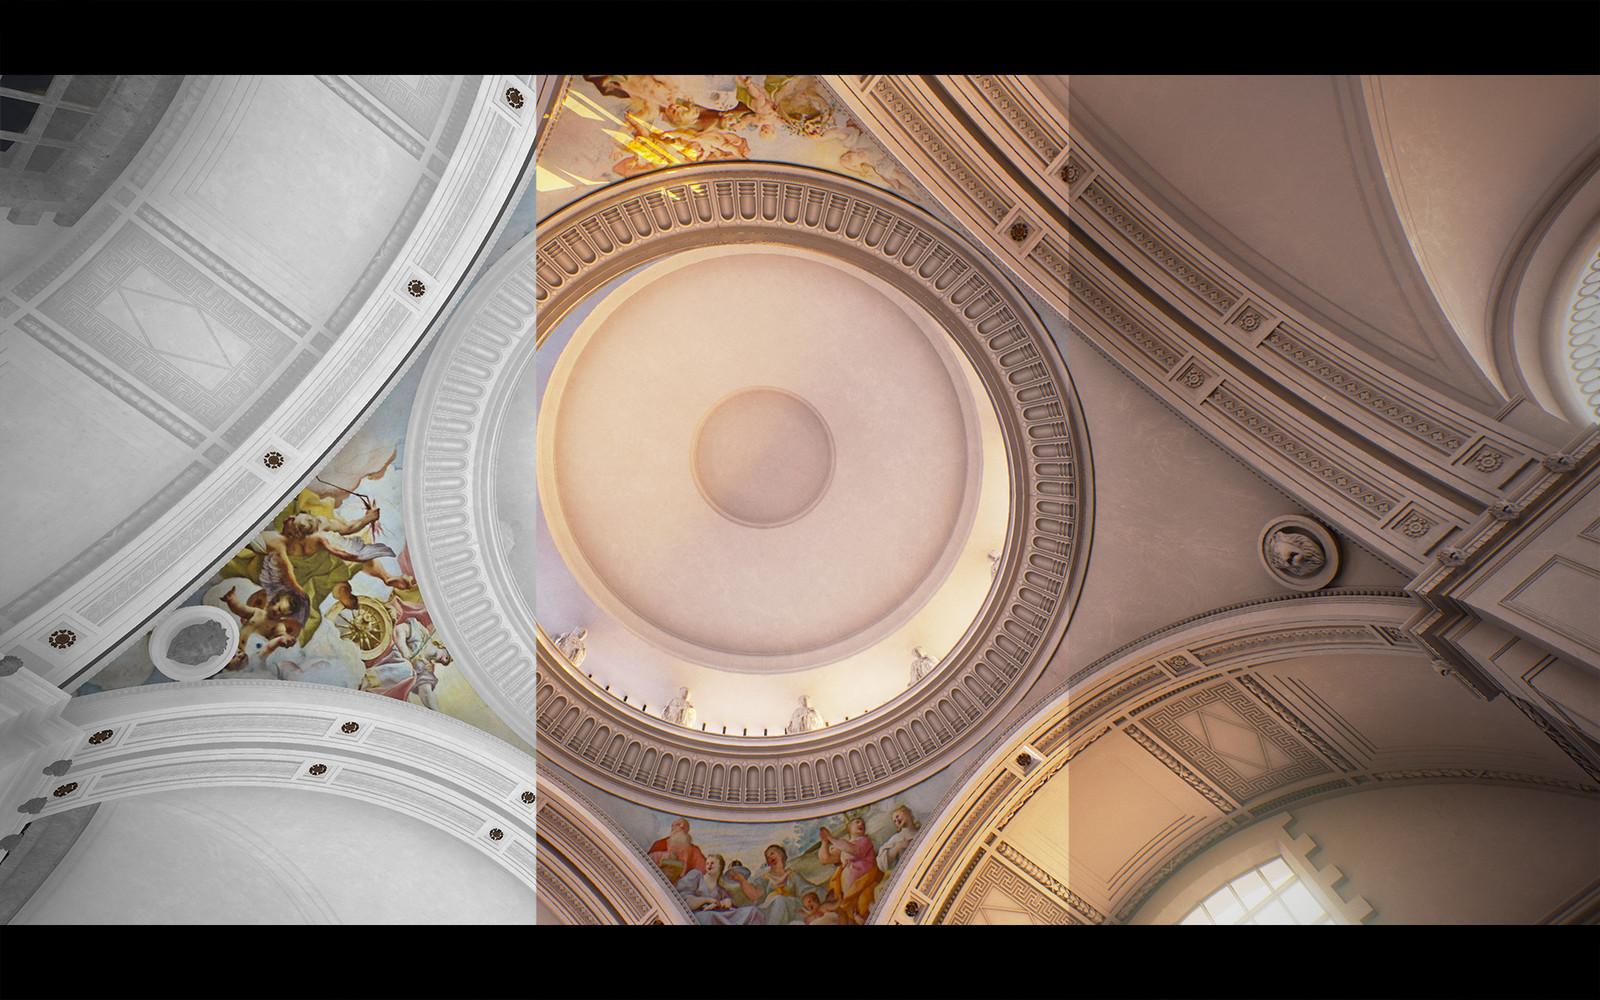 Unreal Engine 4 Breakdown / Roof